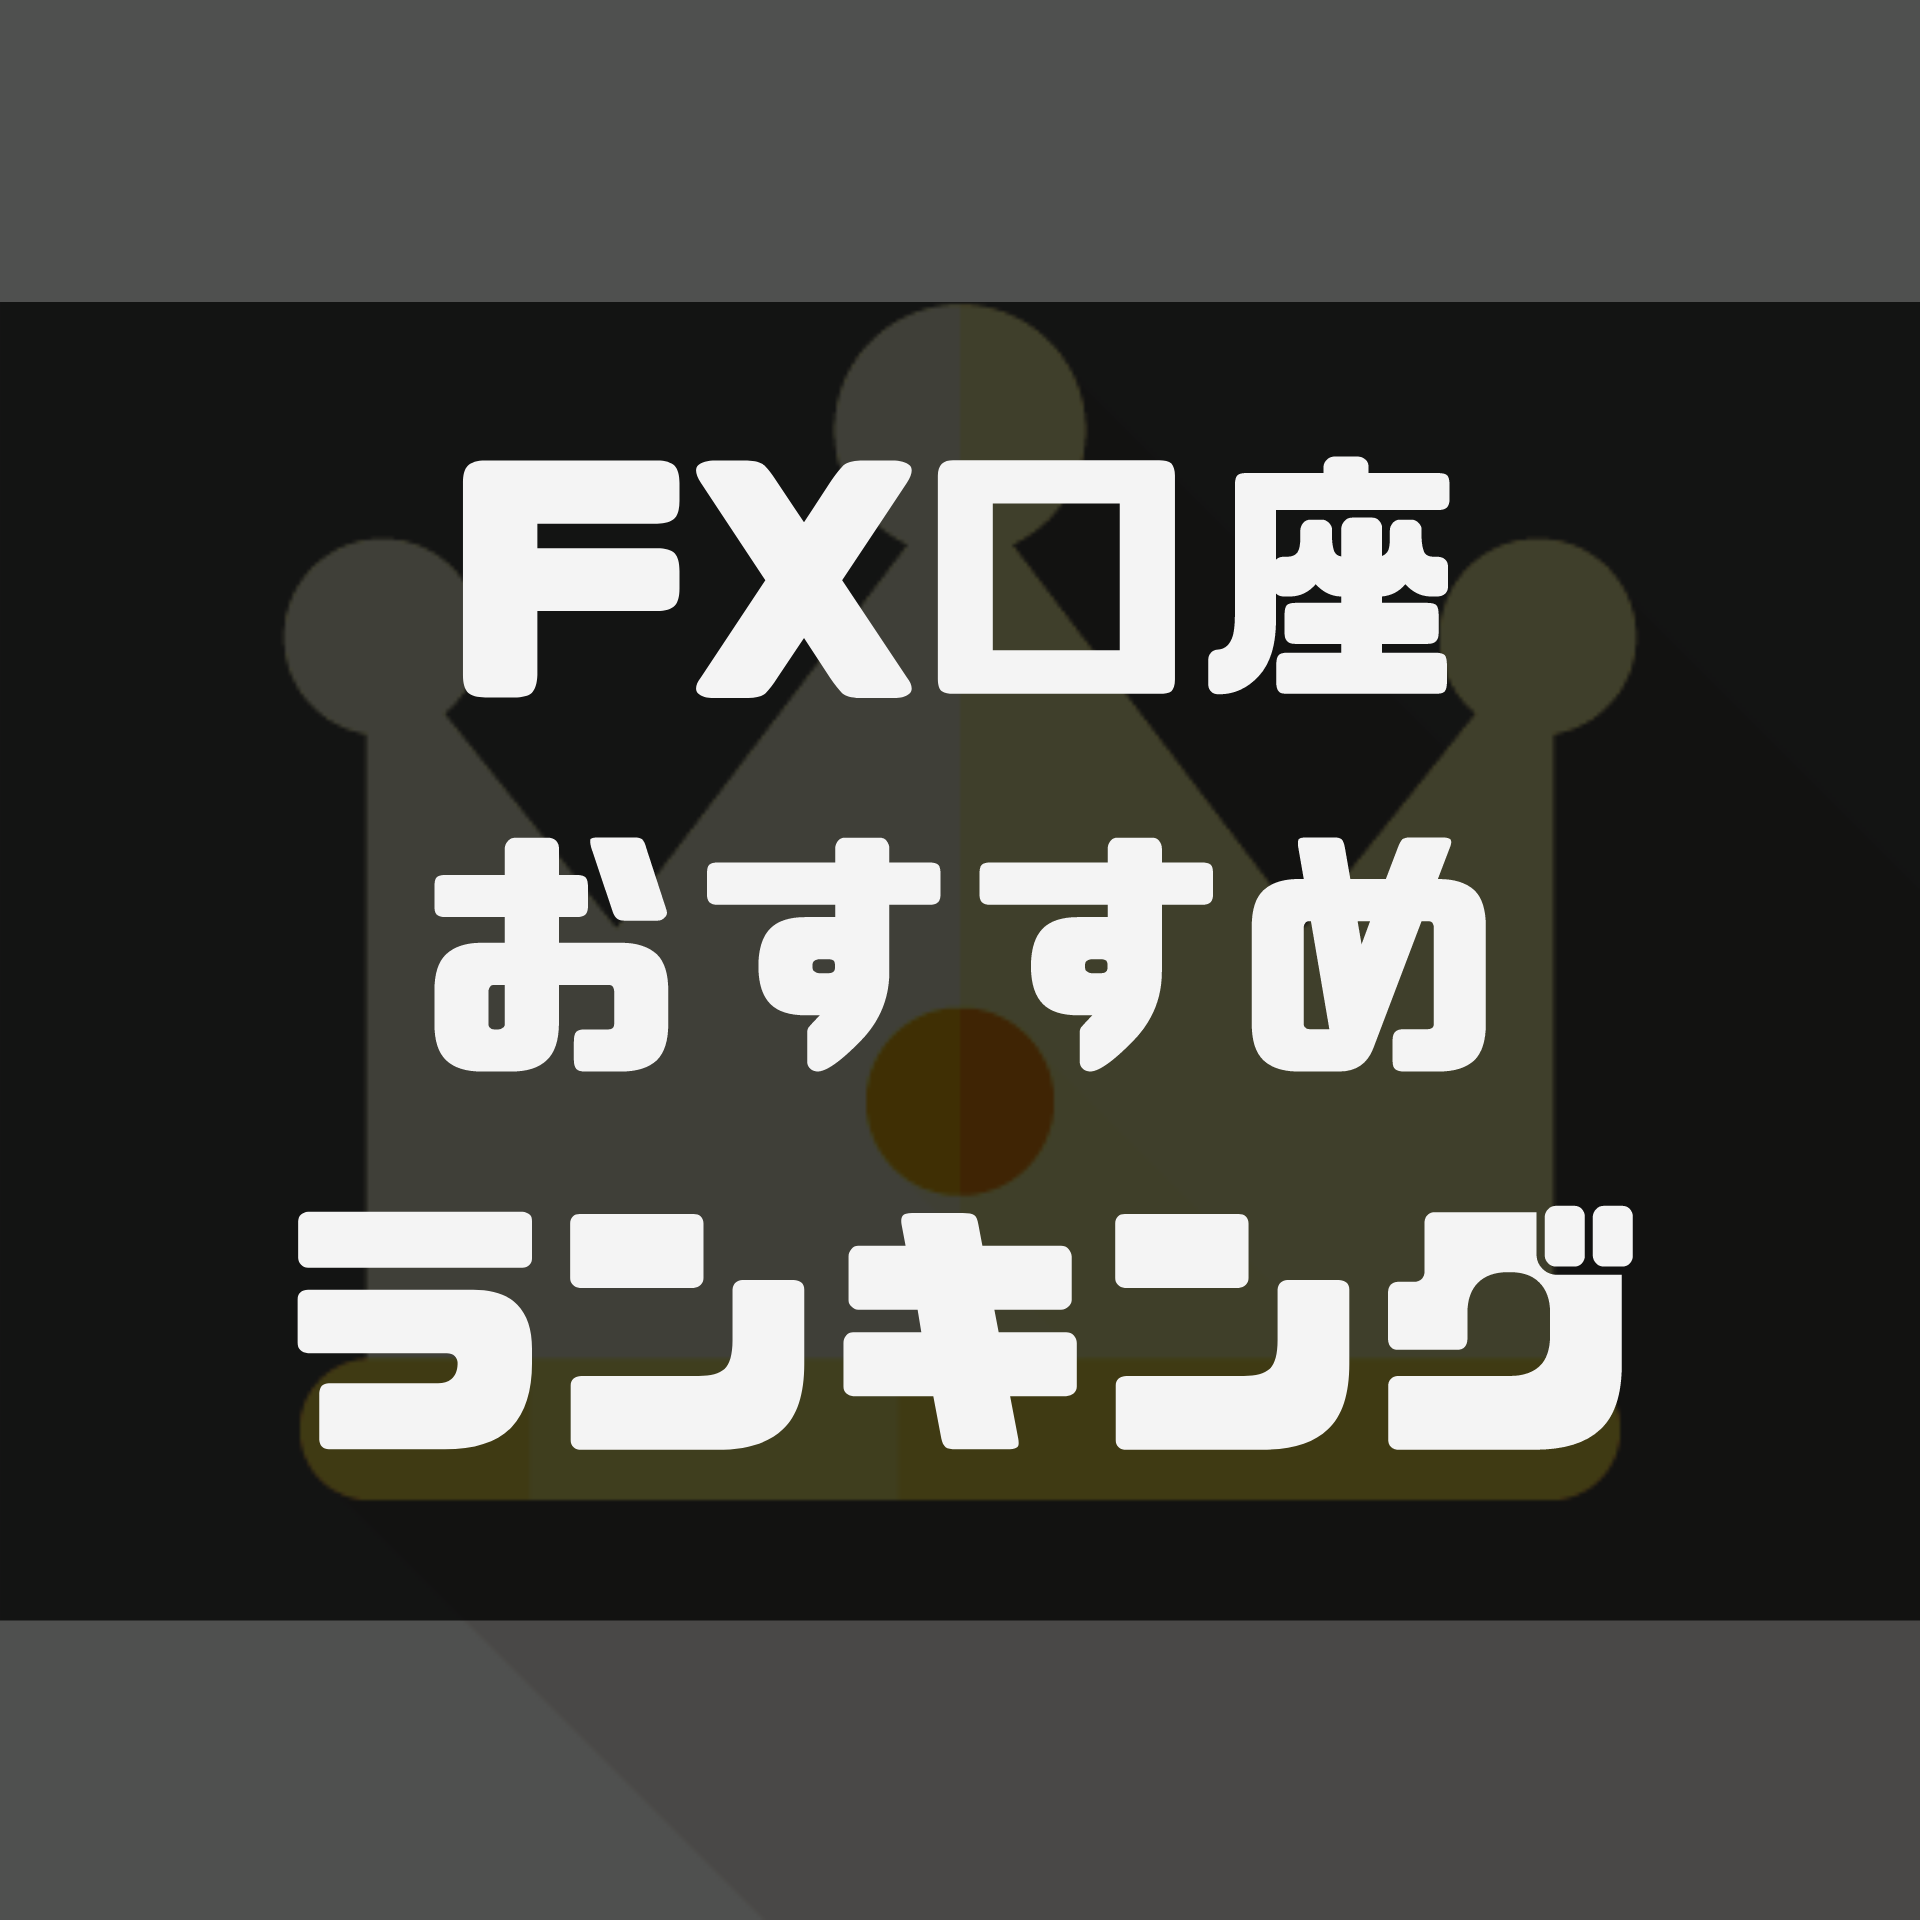 FXのおすすめ口座比較ランキング|初心者向け会社を完全紹介【2021年3月最新版】